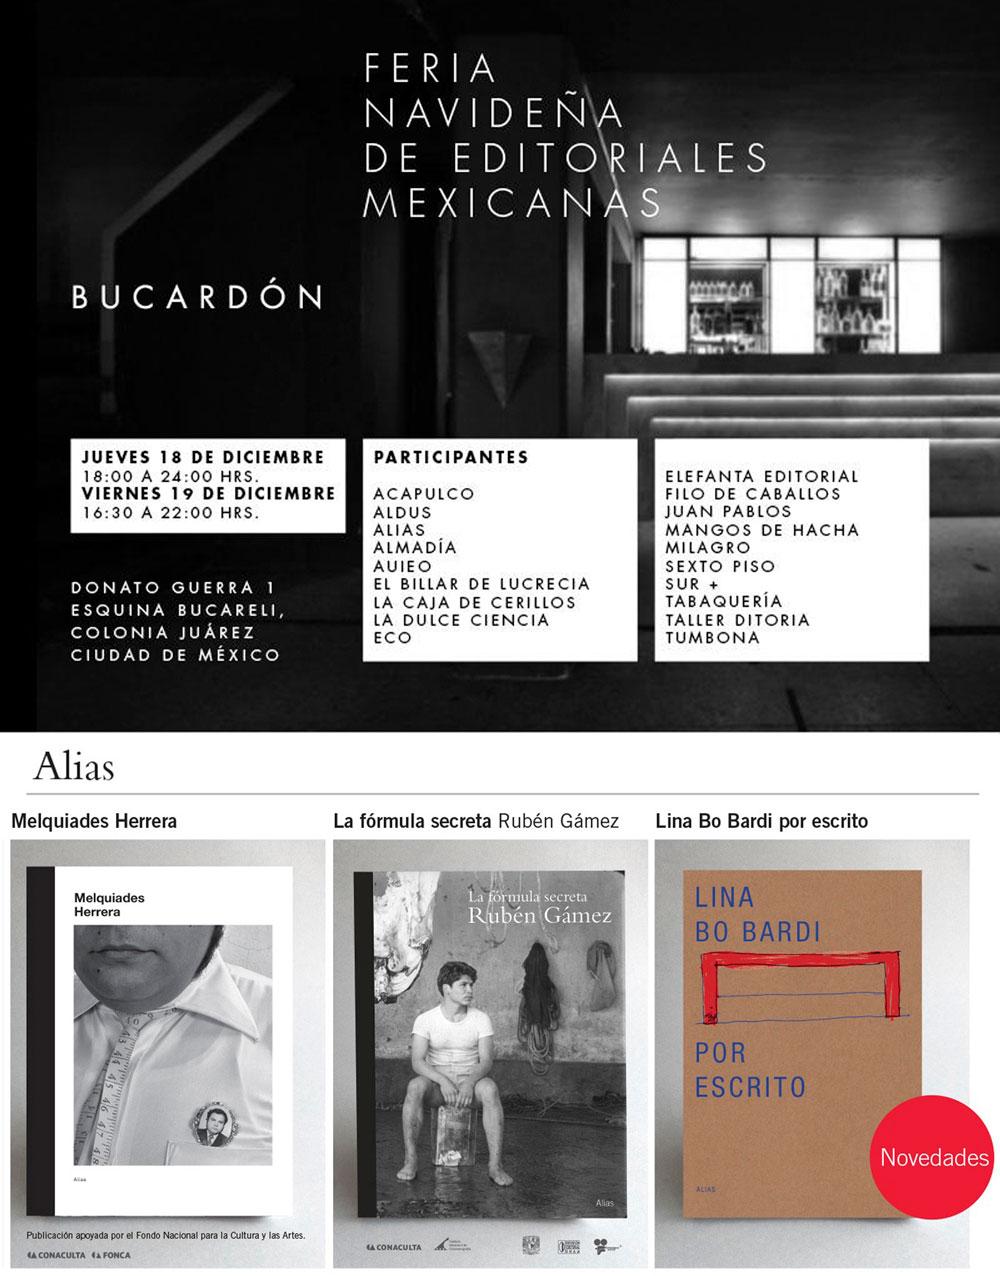 Alias en la Feria Navideña de Editoriales Mexicanas